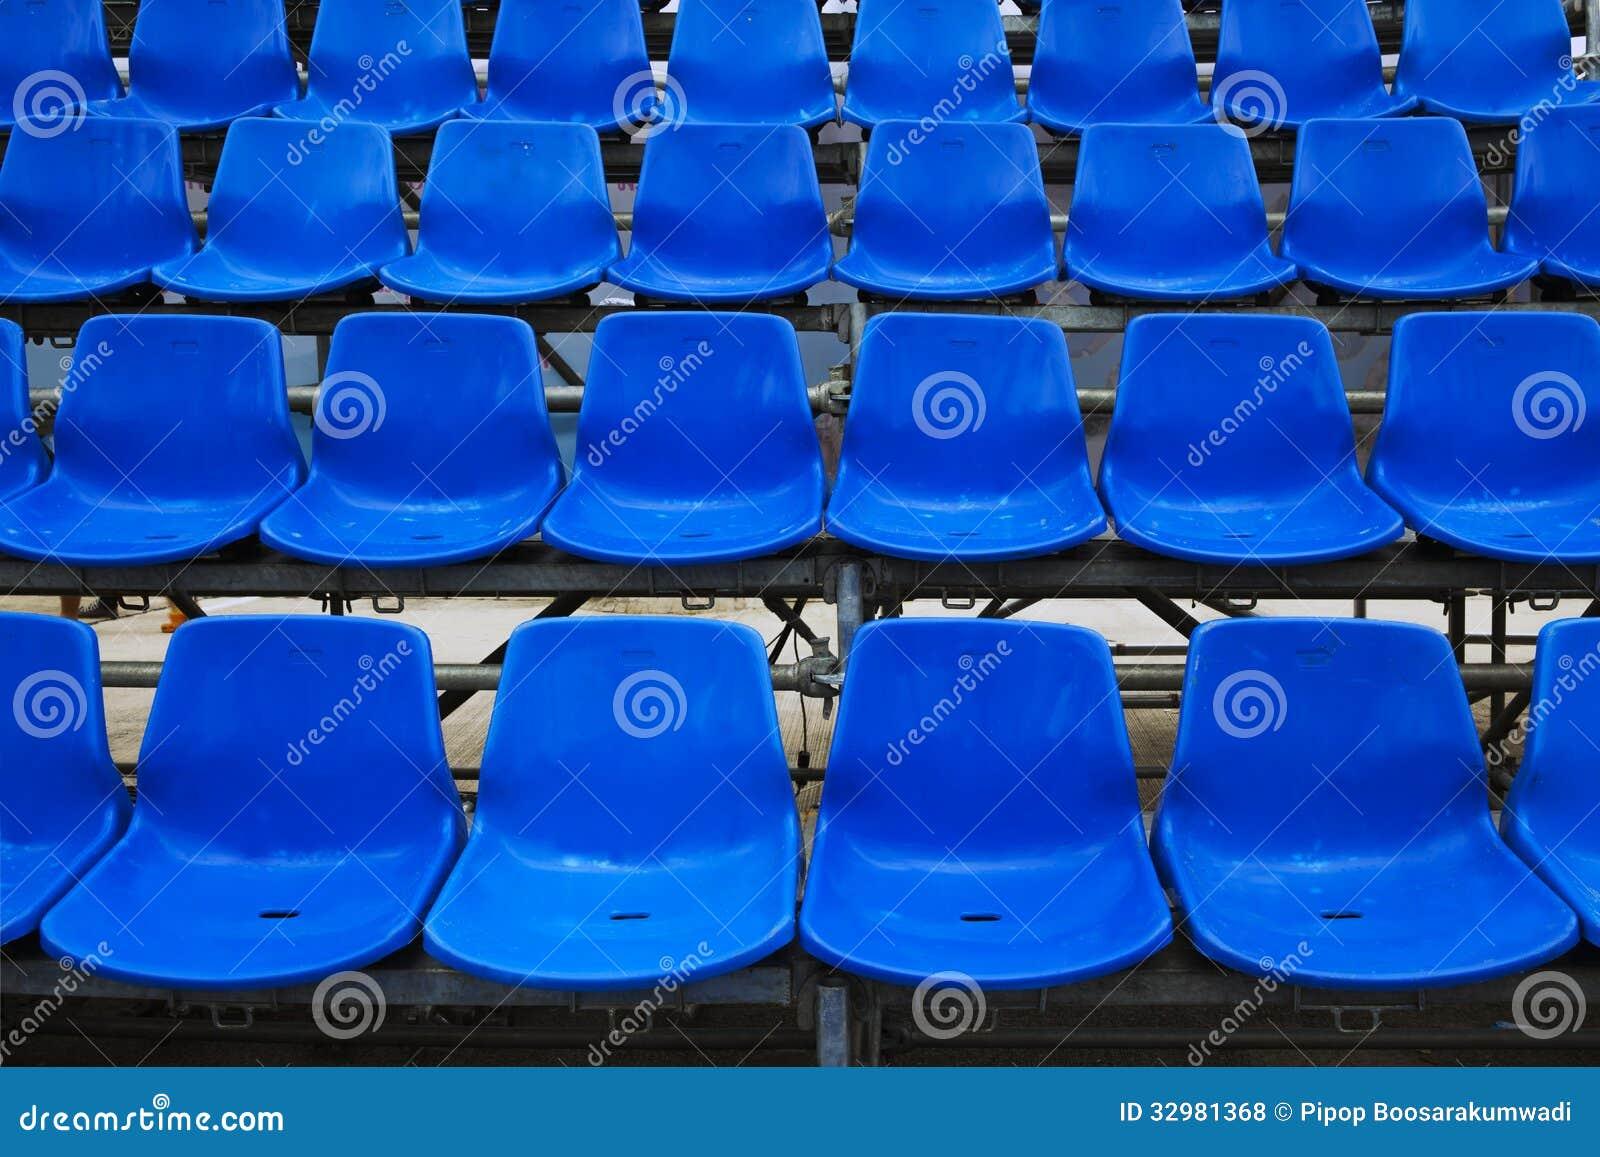 Blaue Stadionssitze.